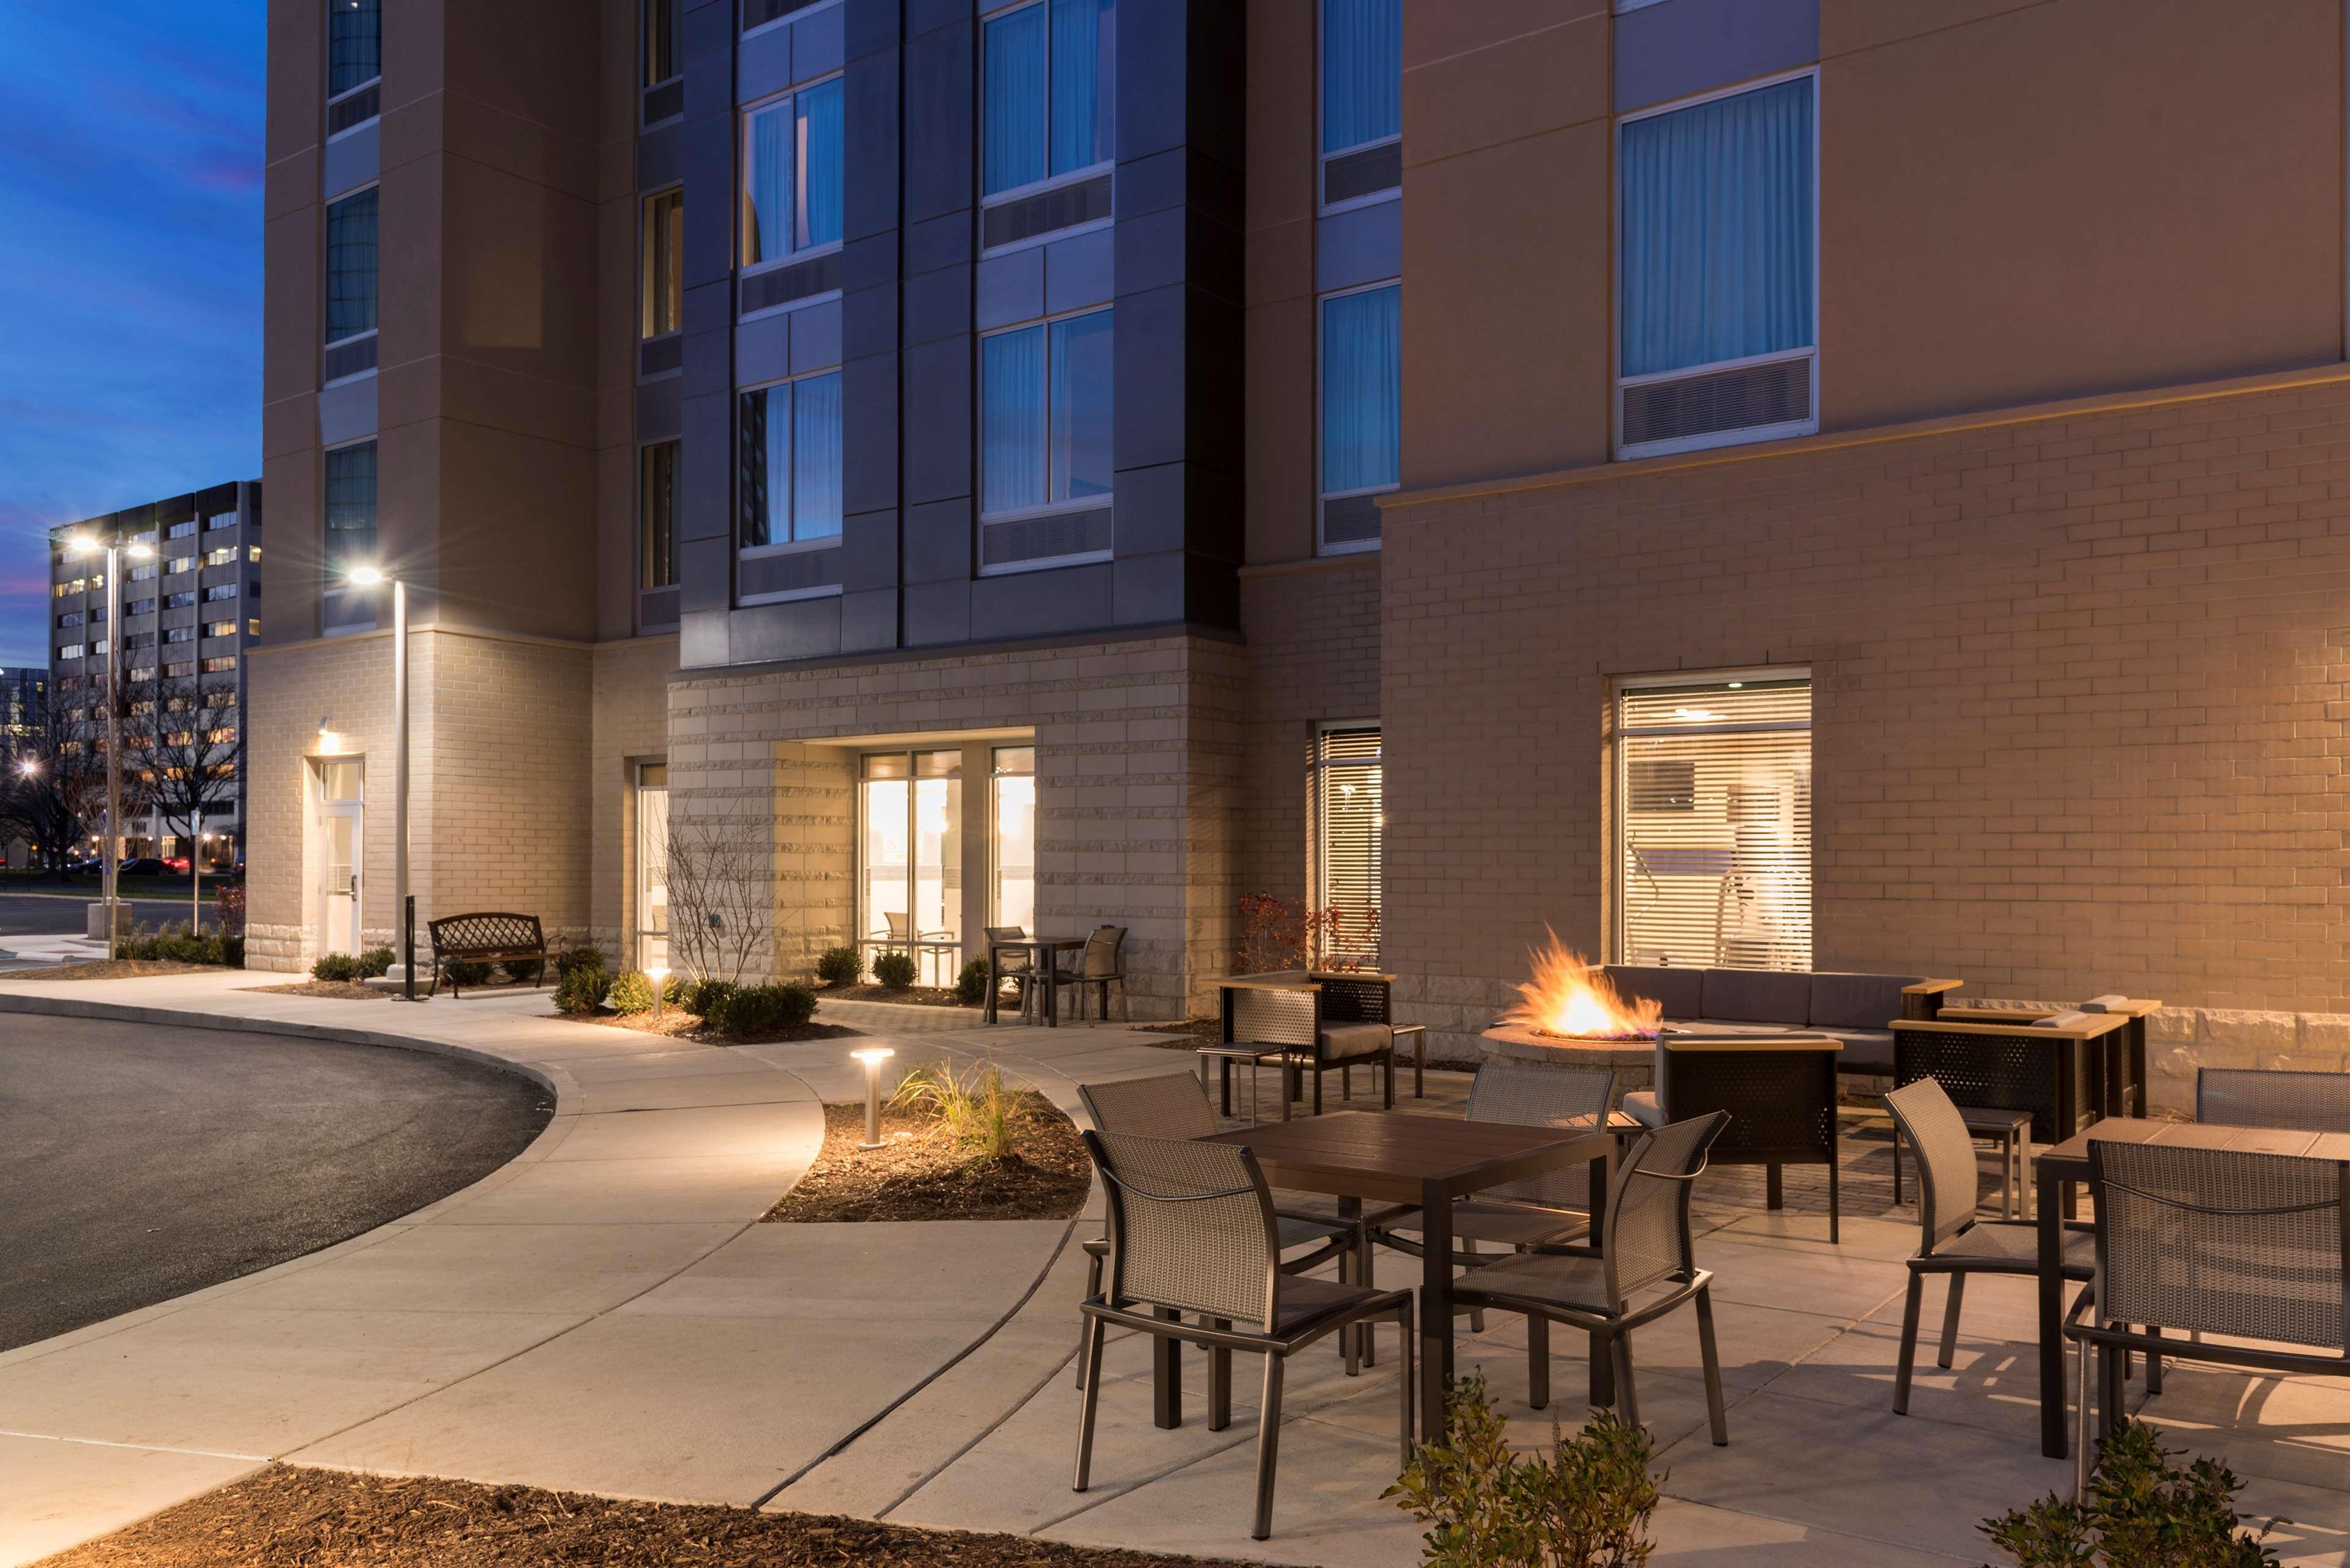 Hampton Inn & Suites Indianapolis-Keystone image 0